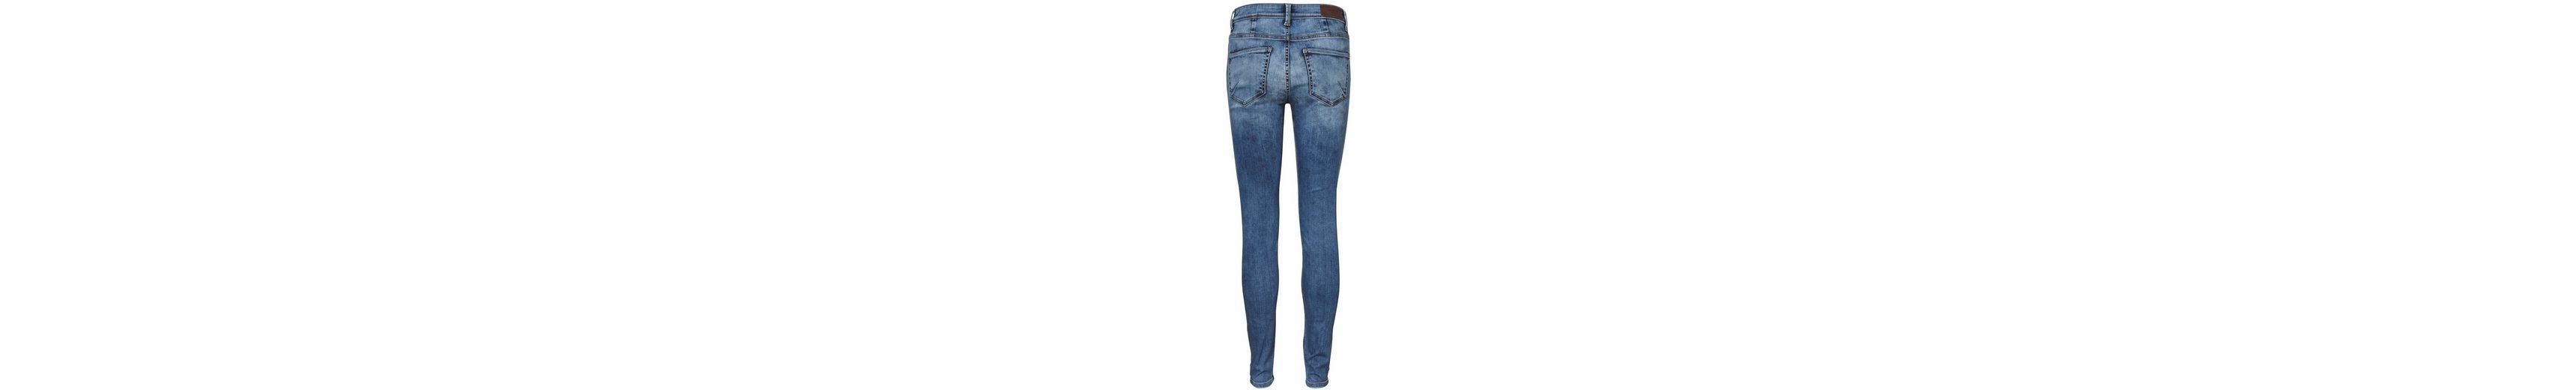 Austrittskosten Rabatt Neueste Vero Moda Skinny-fit-Jeans SEVEN PIPING Rabatt Breite Palette Von Mit Paypal Zahlen Online RvrQaIaR